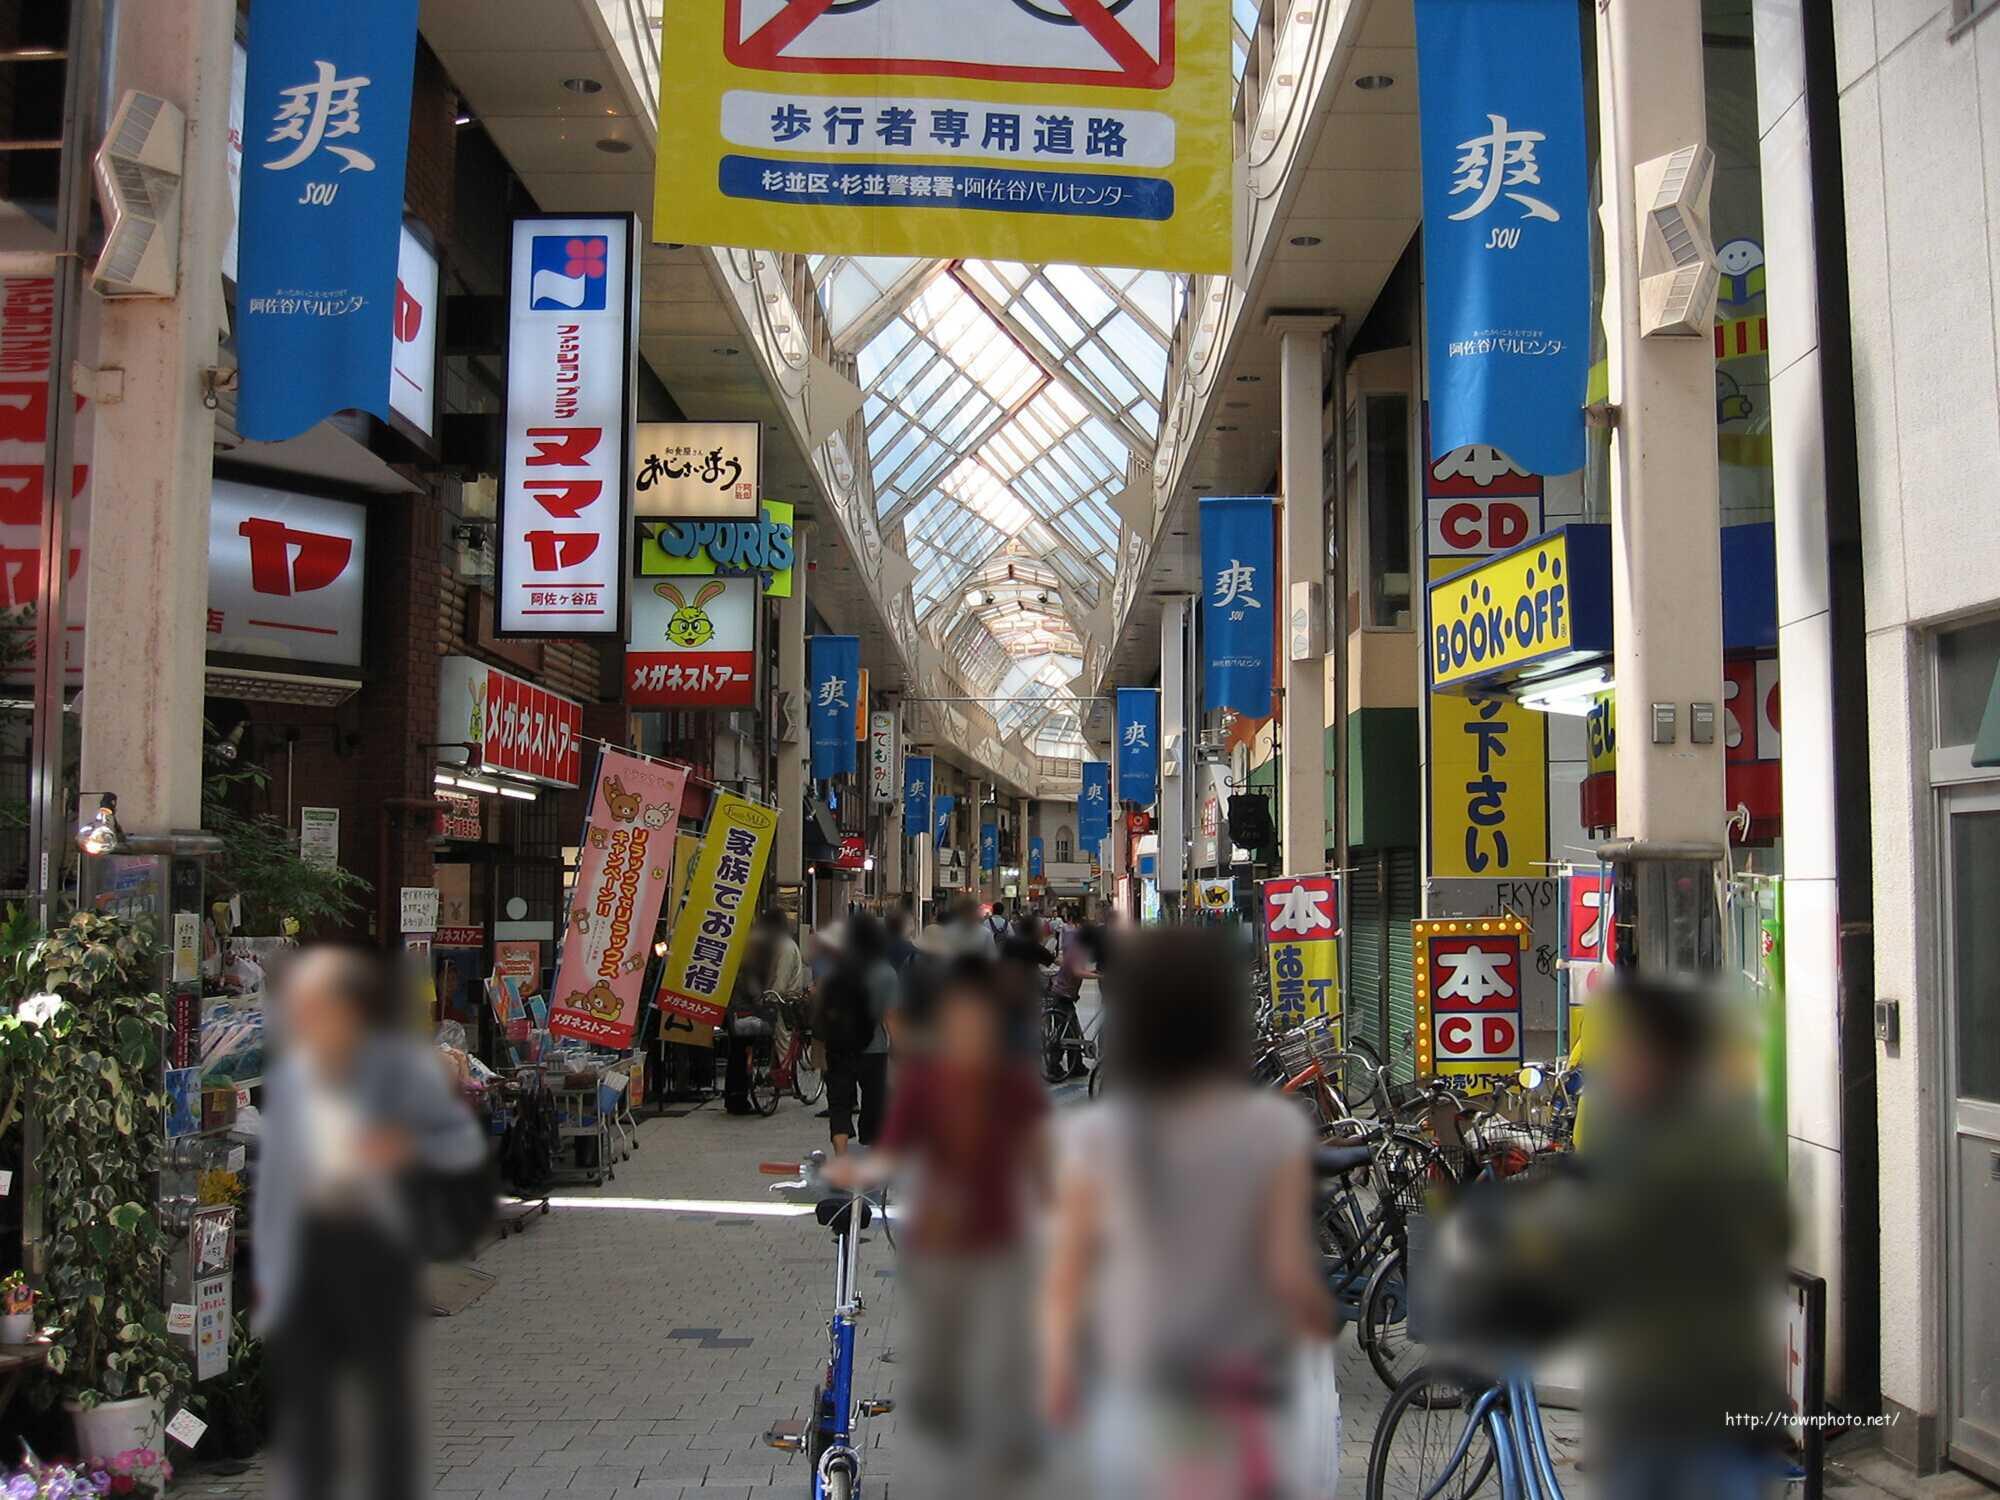 南阿佐ヶ谷駅~パールセンター周辺の紹介 写真42枚 | 杉並区